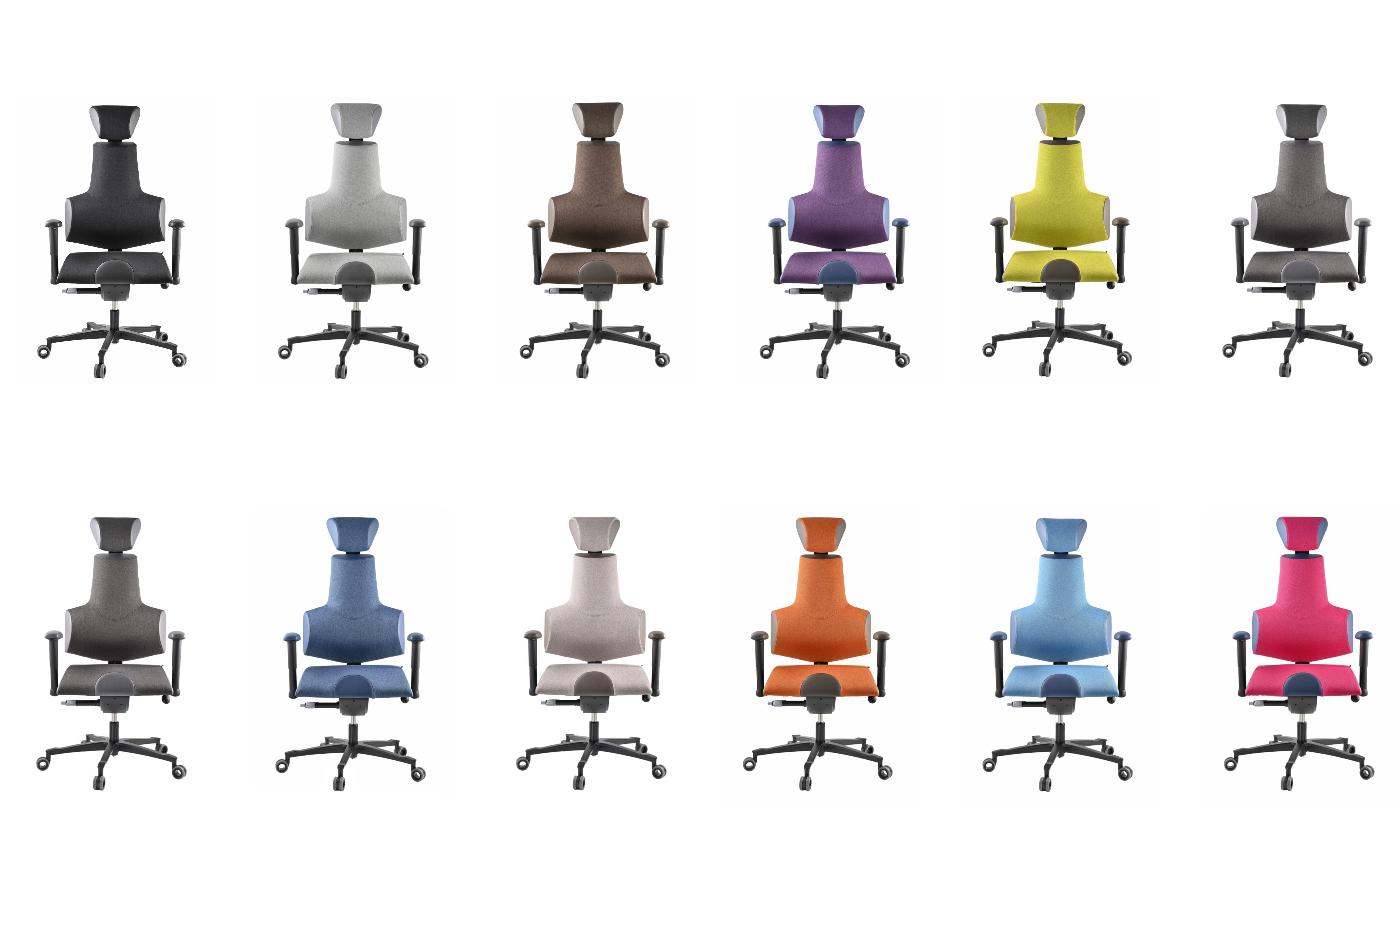 Kancelářská židle Therapia Sense, barevné kombinace.